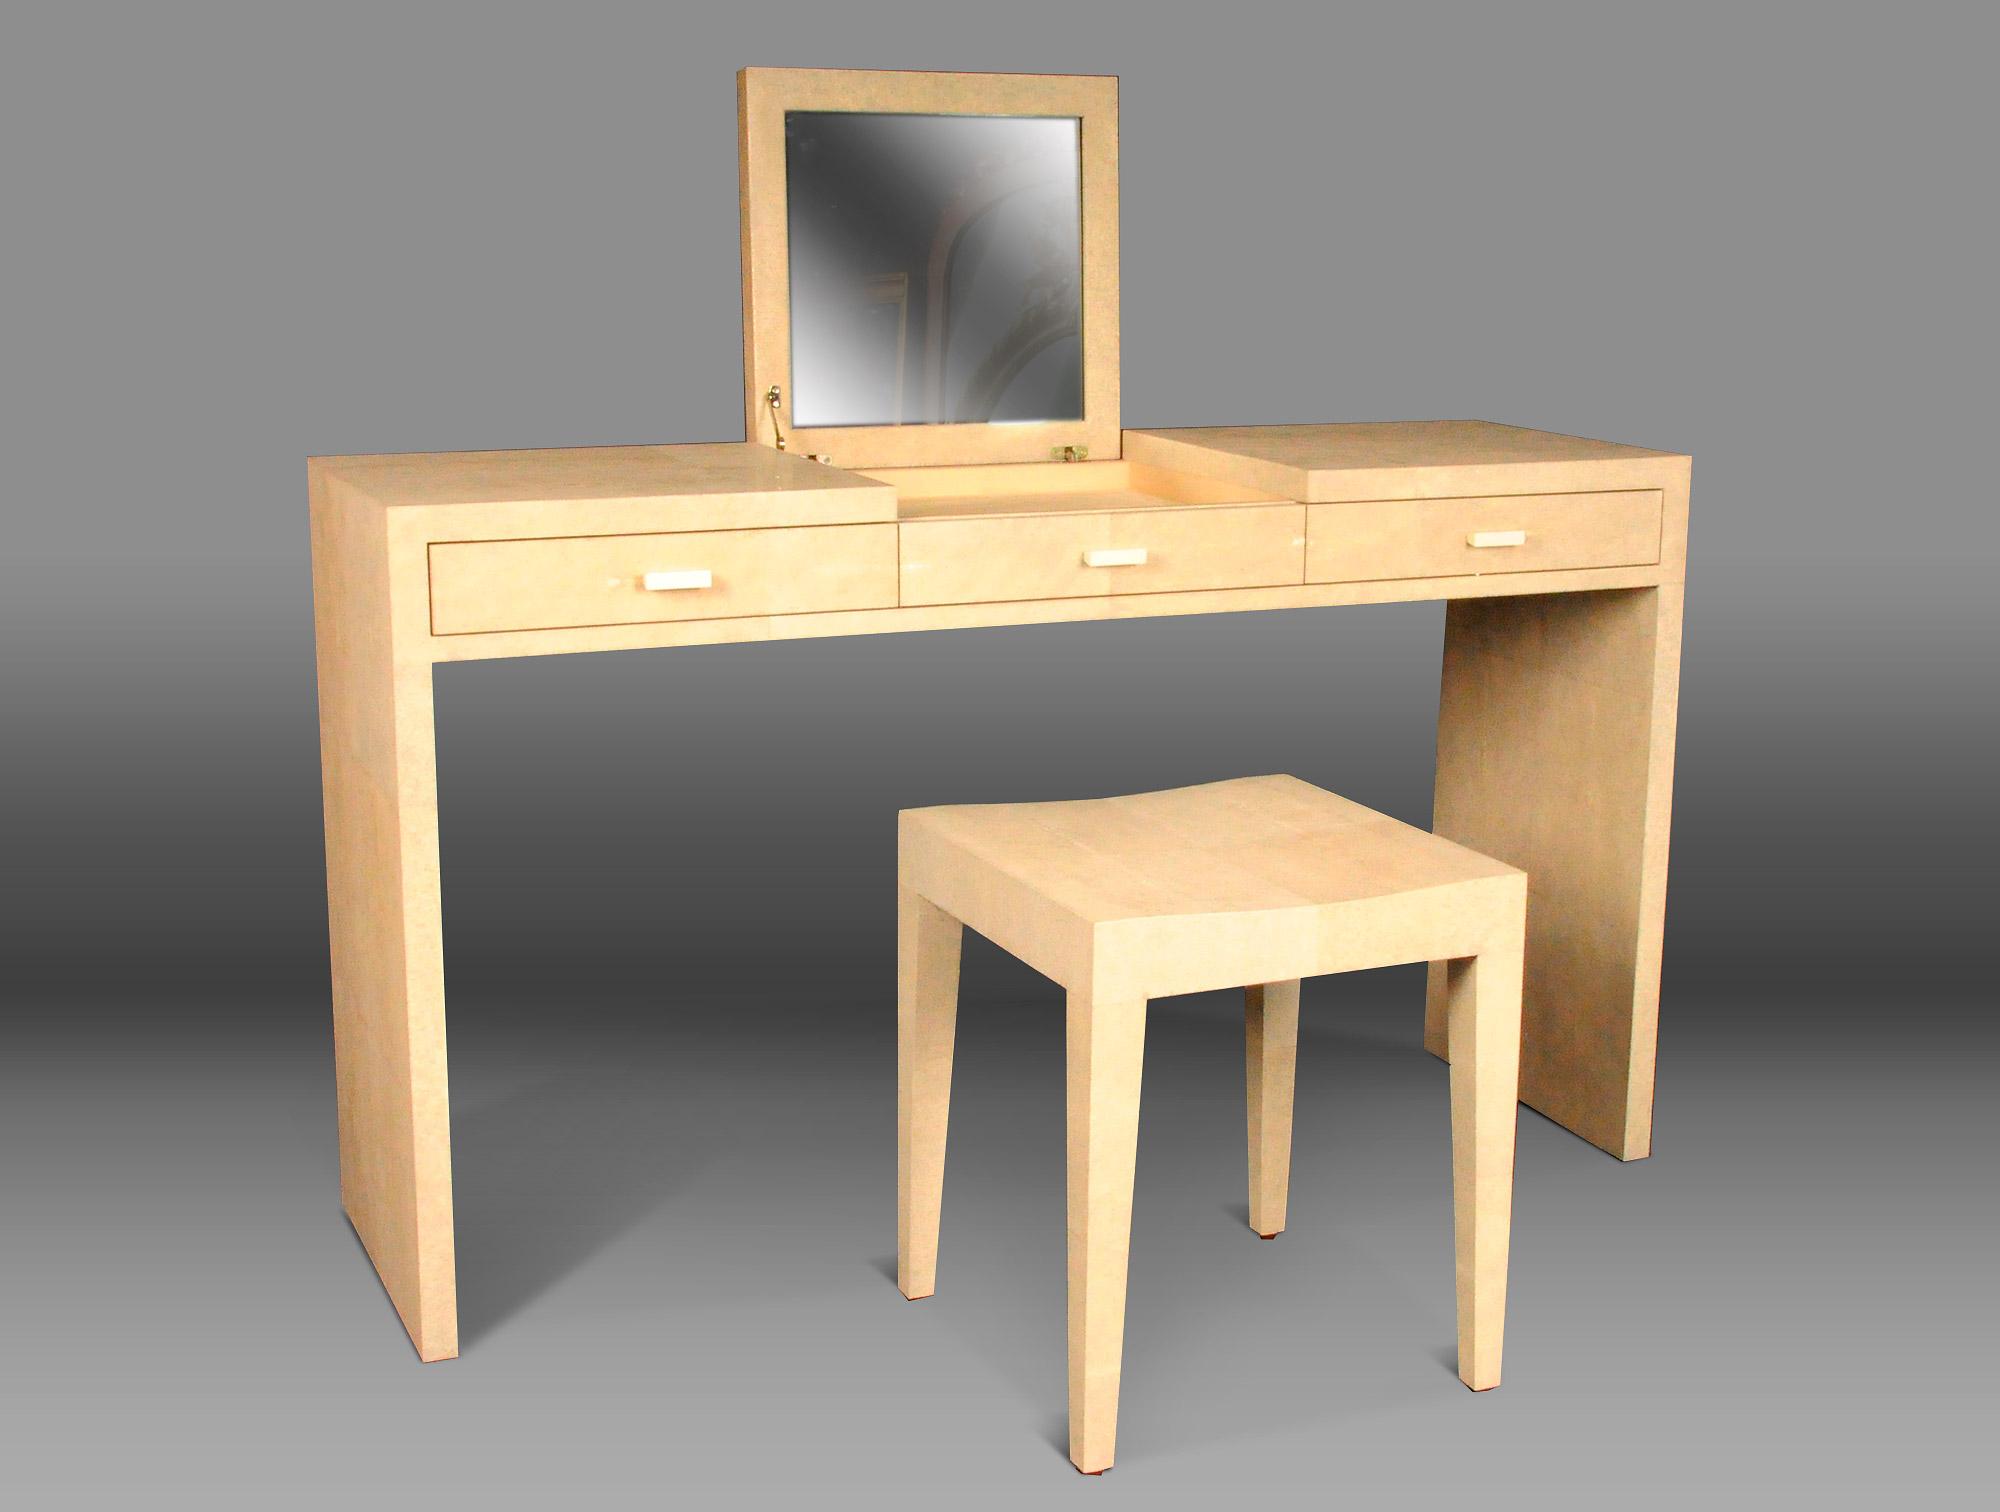 tabouret moderne galuchat soubrier louer si ges tabouret. Black Bedroom Furniture Sets. Home Design Ideas